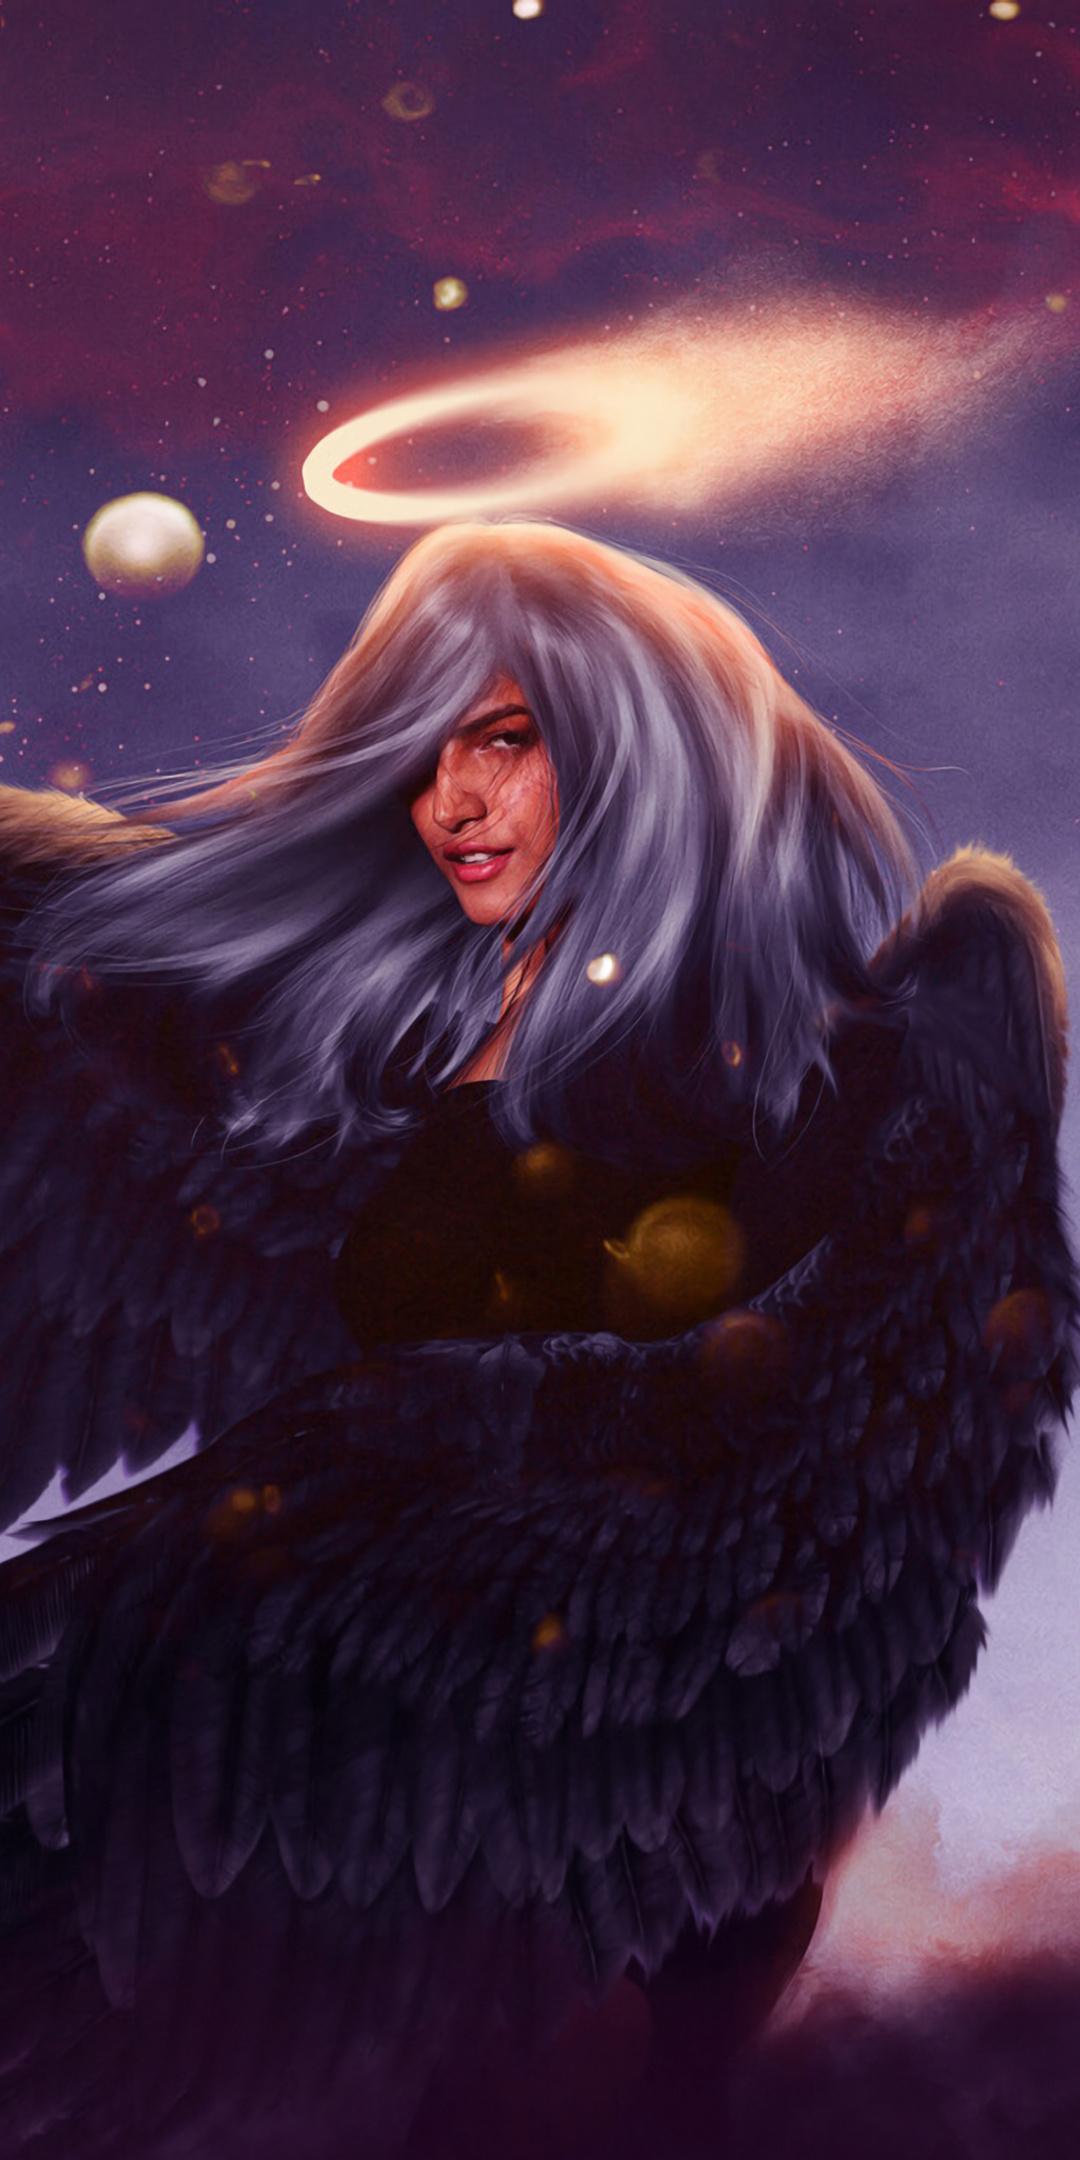 angel-wings-fantasy-art-4k-4e.jpg